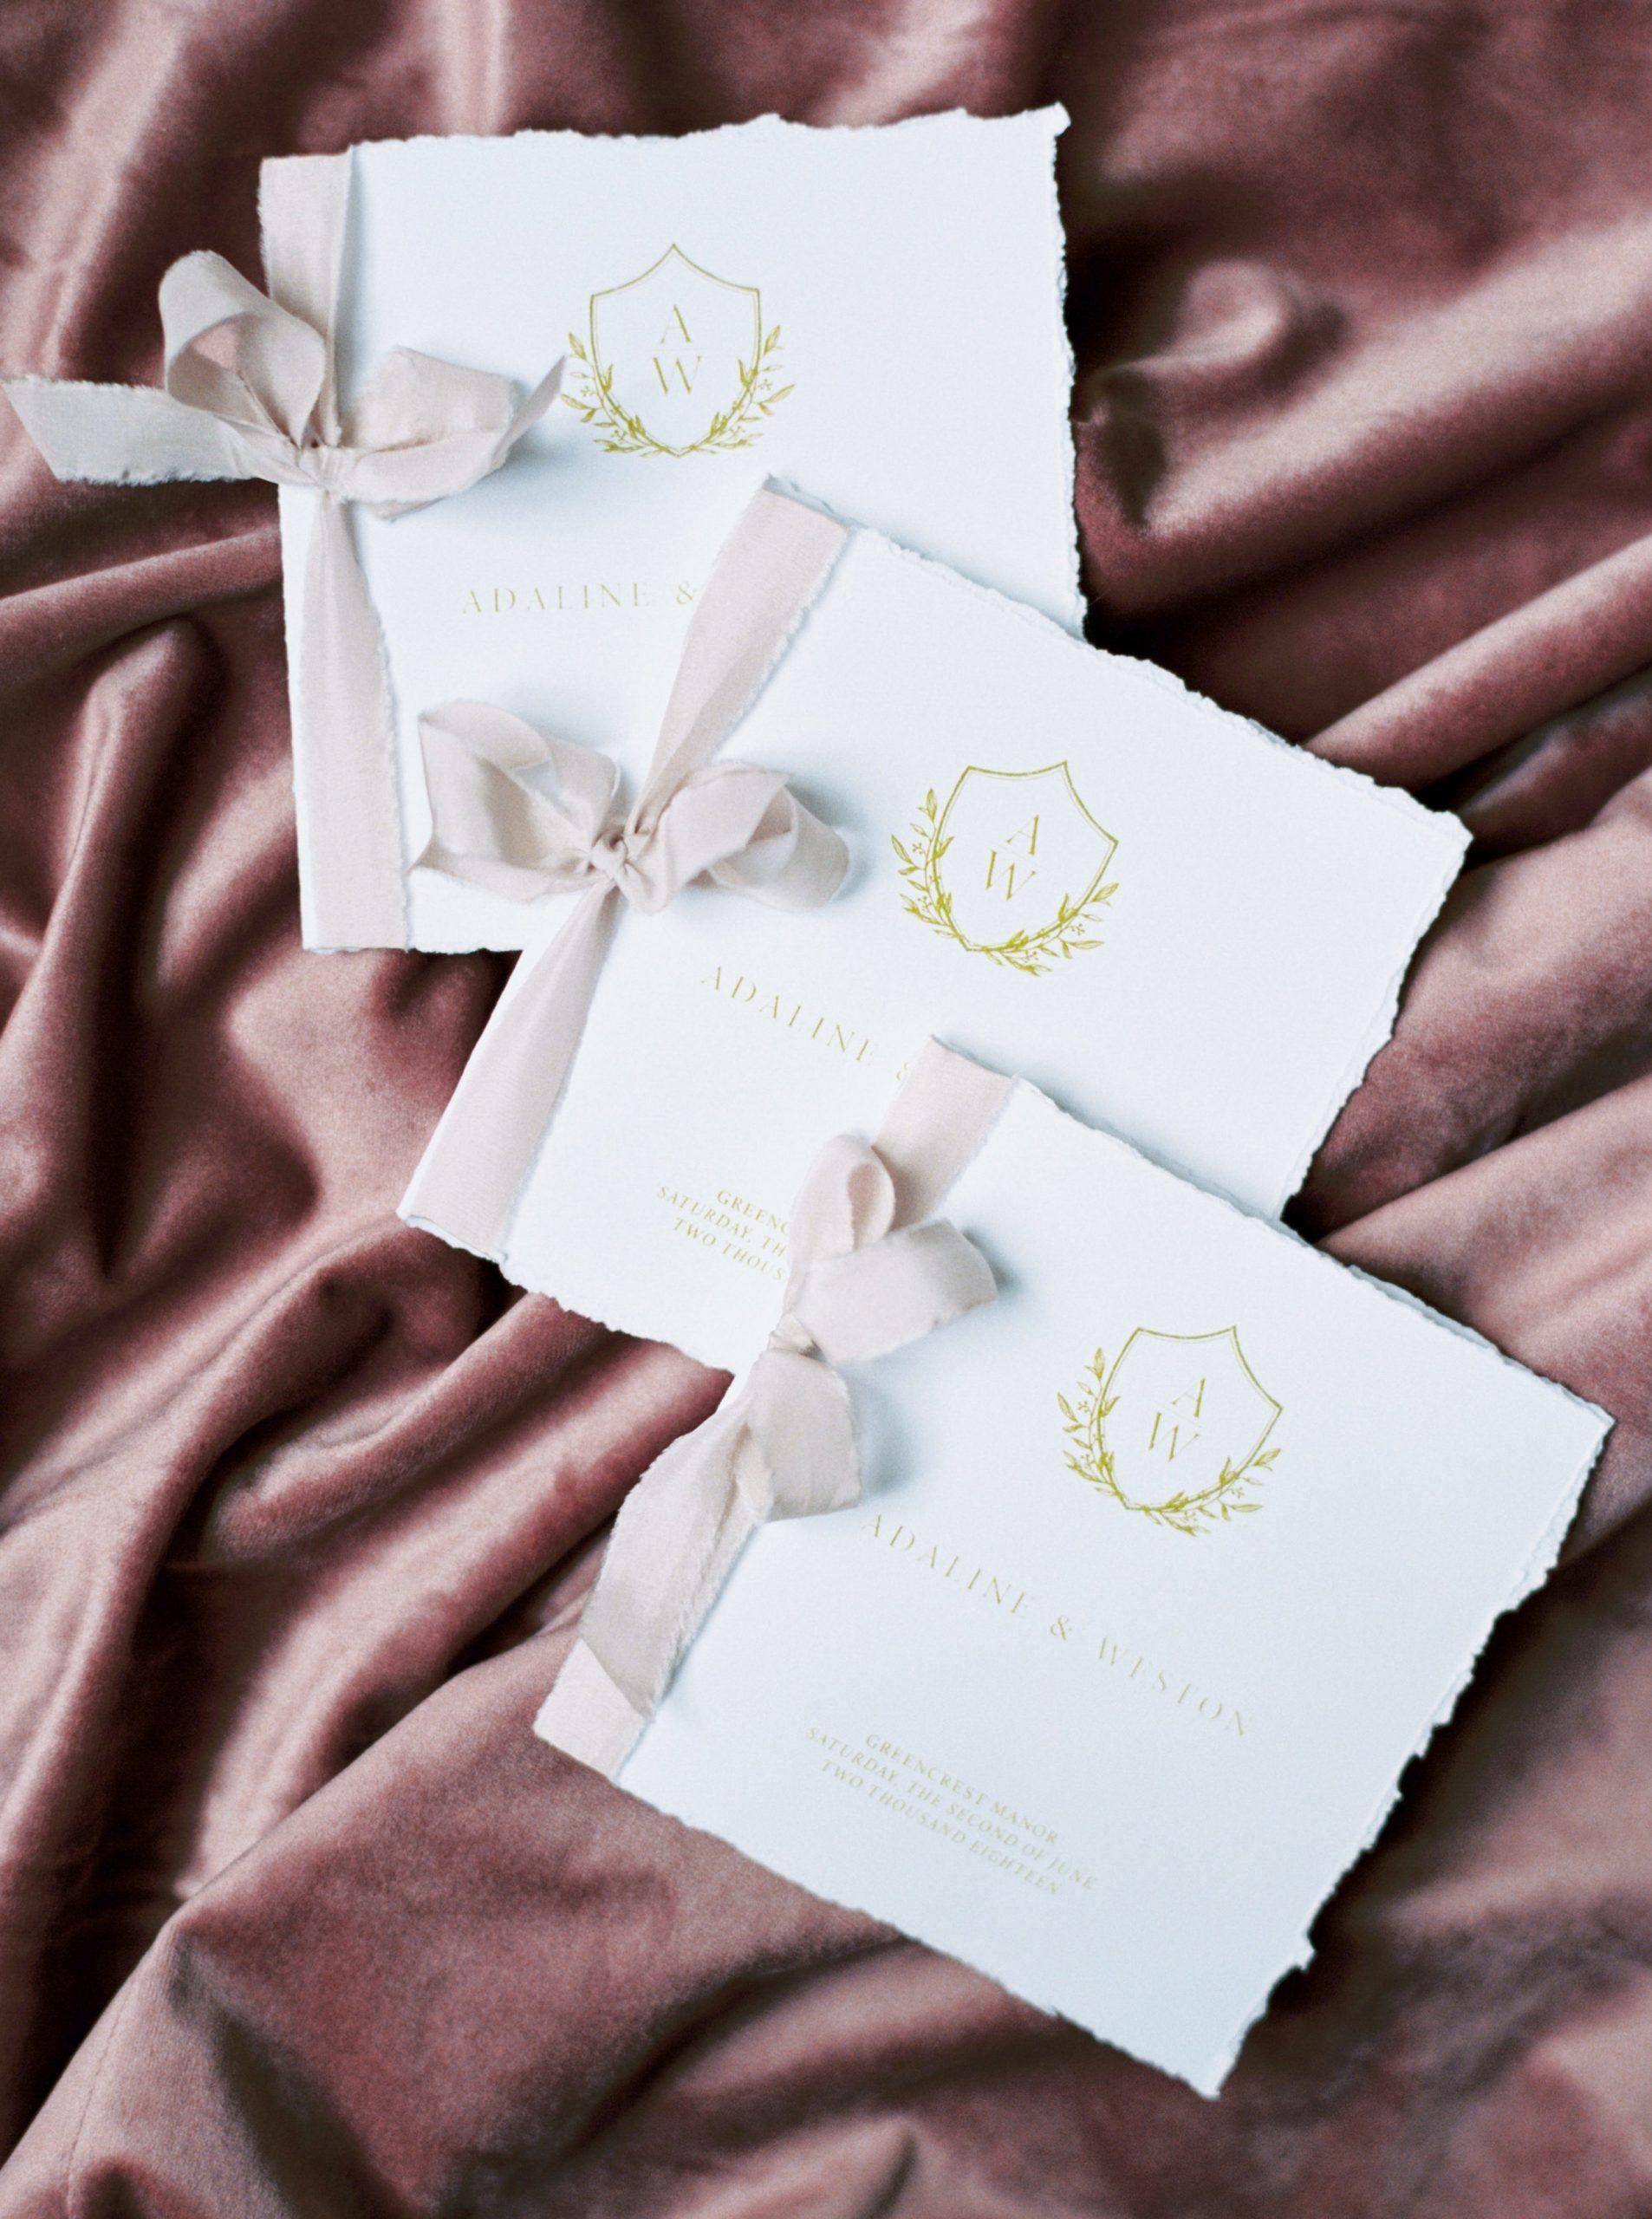 Wedding Ceremony Card with Emblem and Vintage Feminine Details